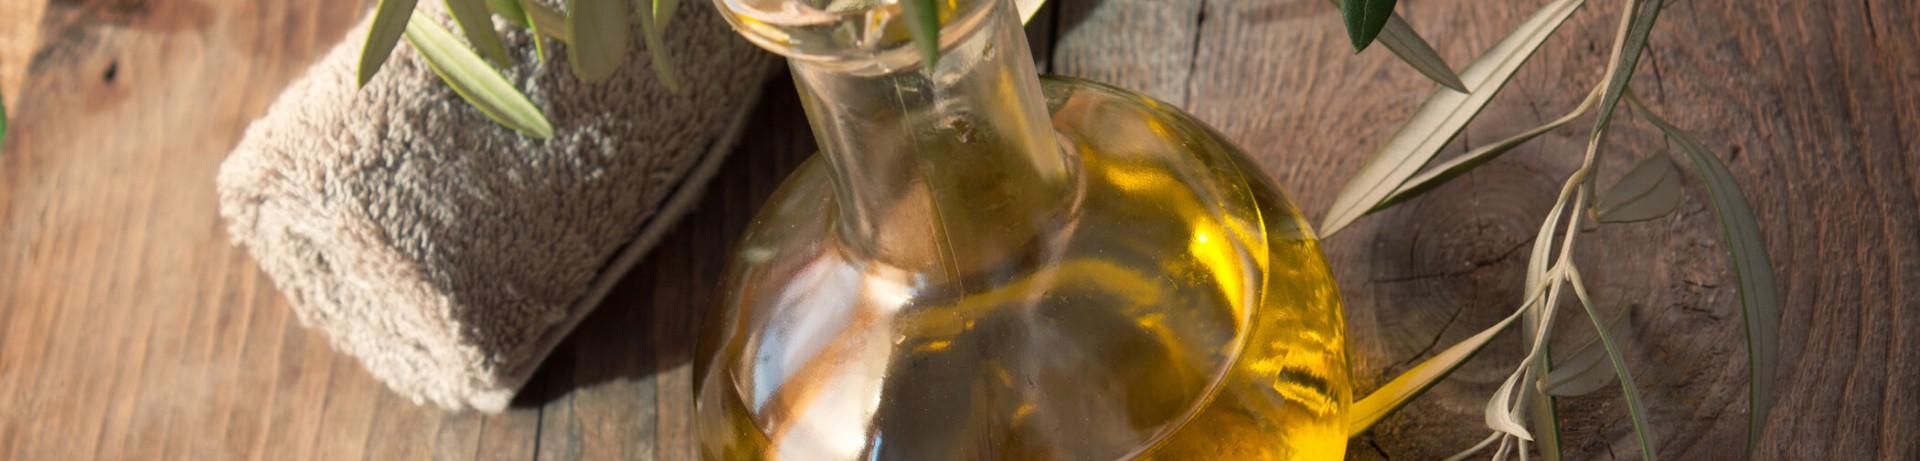 Kosmetické masážní oleje